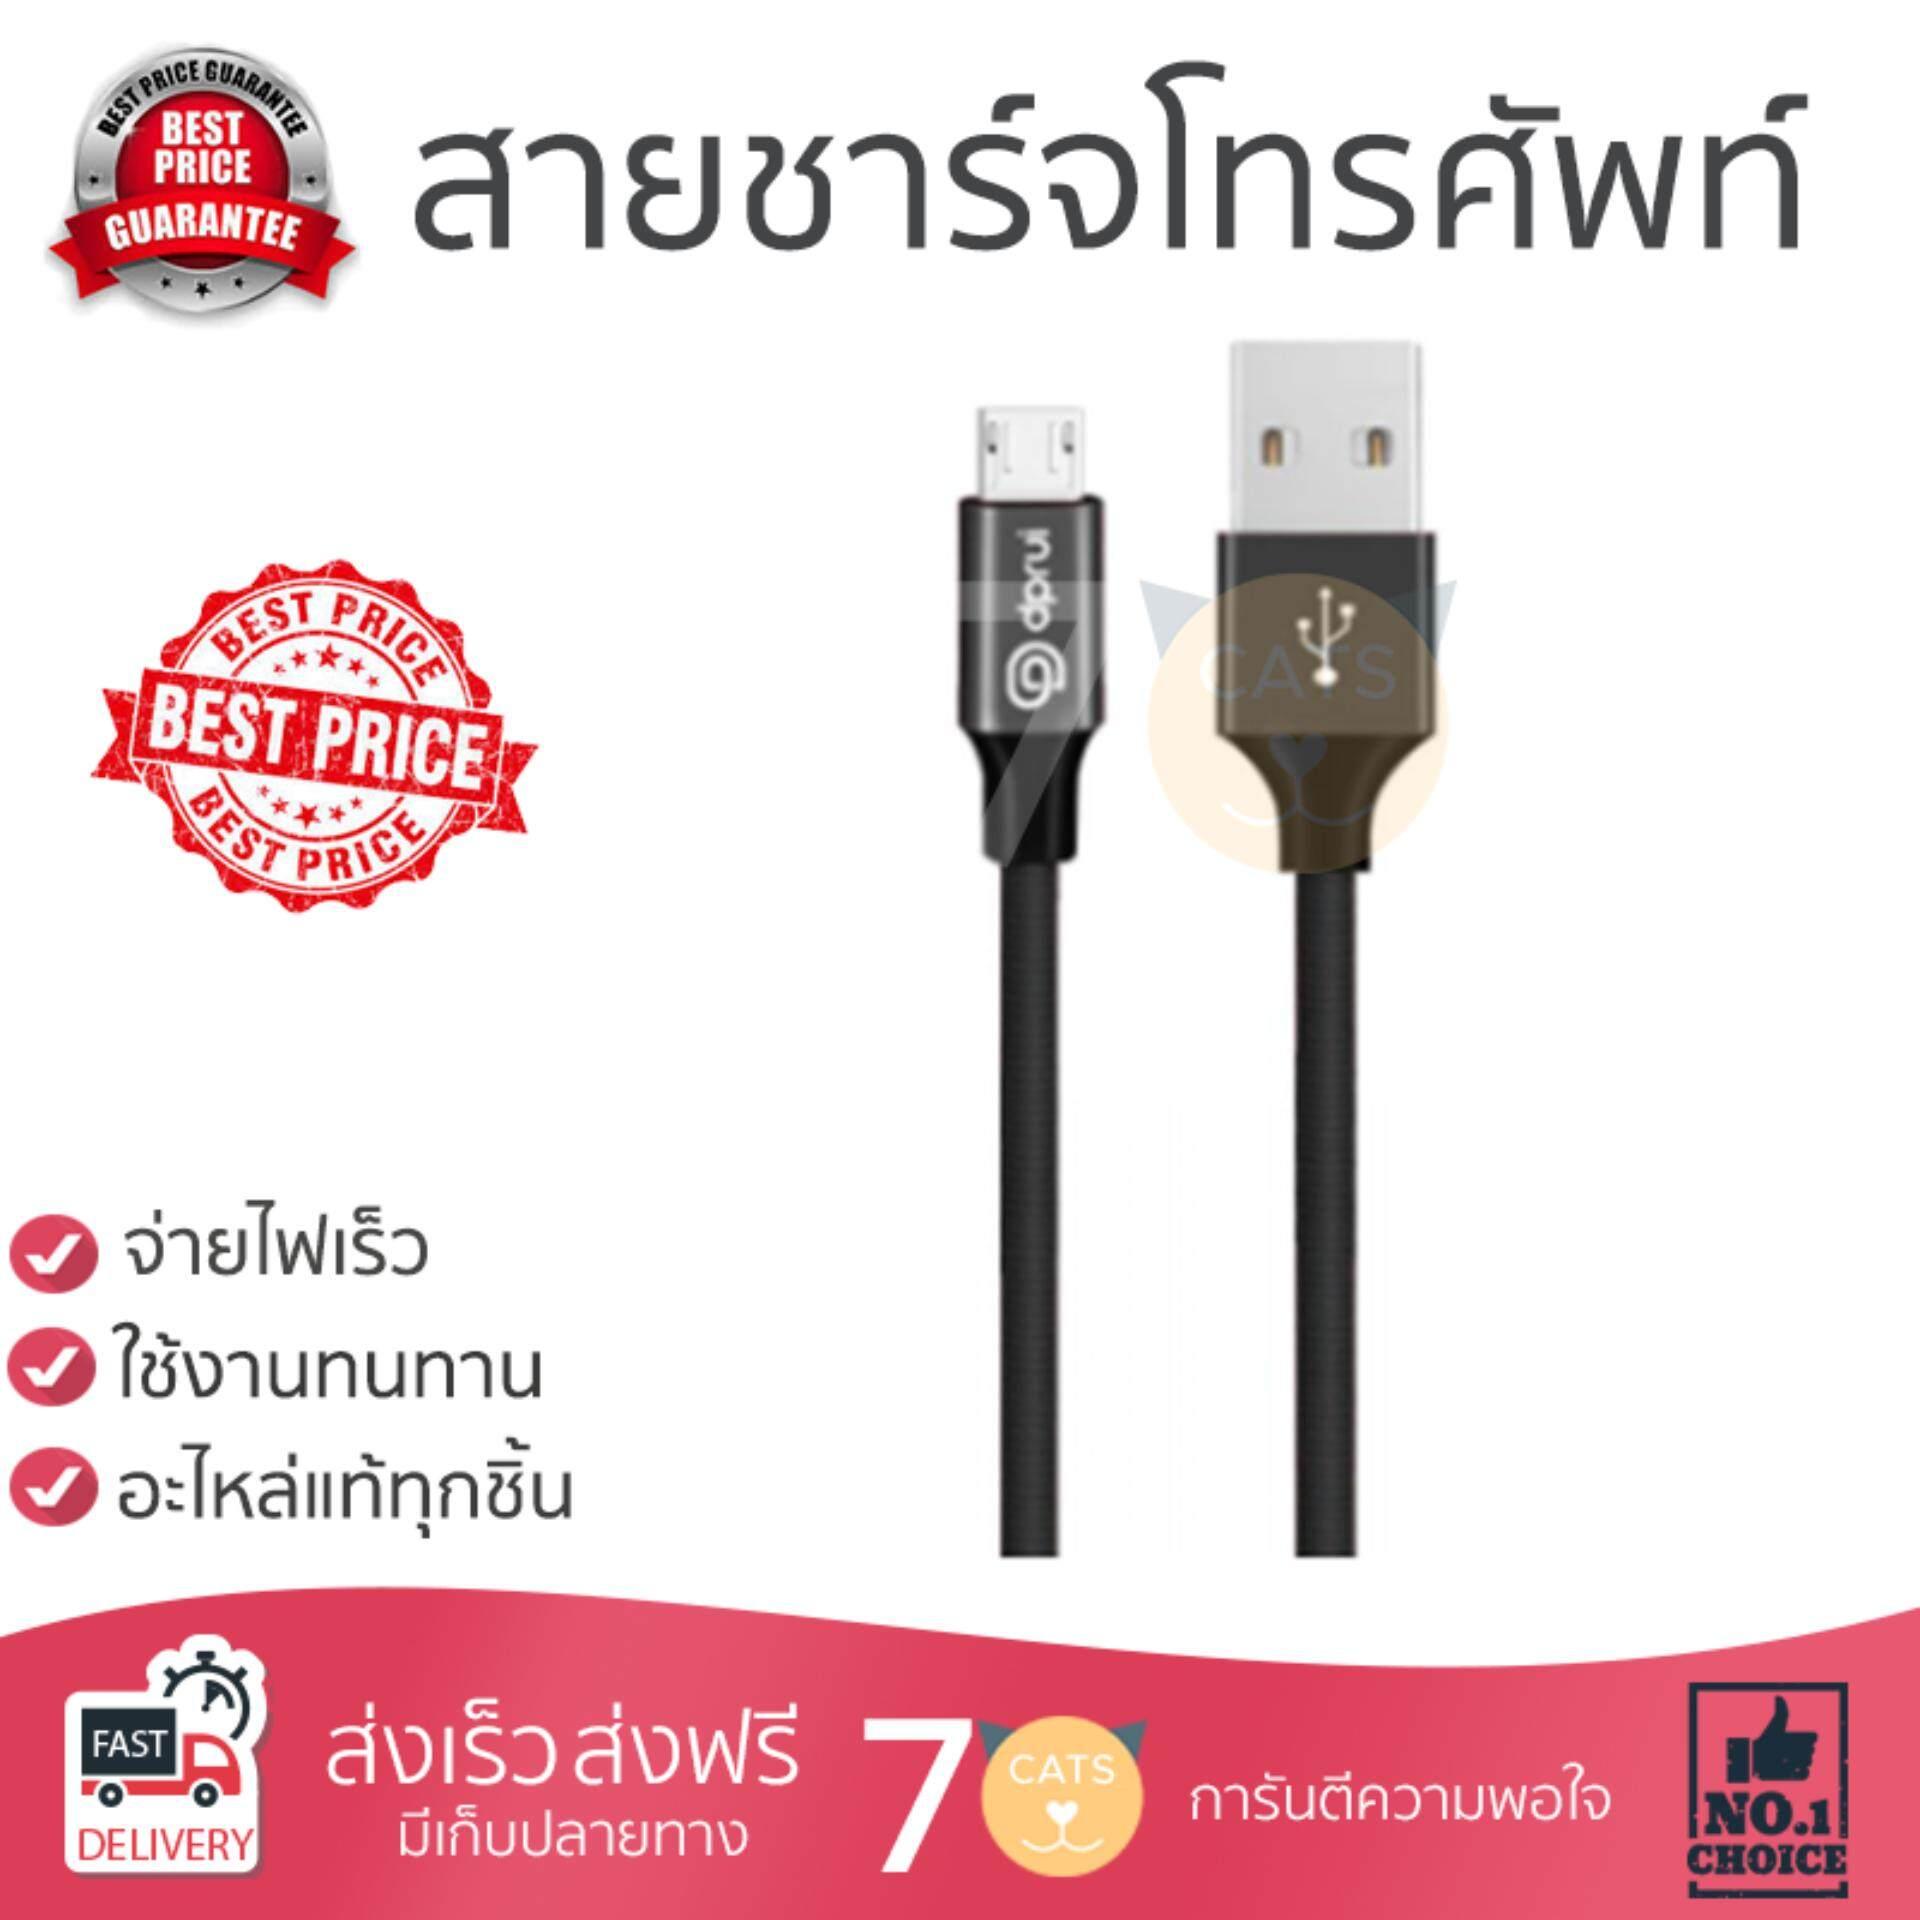 ลดสุดๆ ราคาพิเศษ รุ่นยอดนิยม สายชาร์จโทรศัพท์ Dprui DC161 Micro USB 1M. Black (IMP) สายชาร์จทนทาน แข็งแรง จ่ายไฟเร็ว Mobile Cable จัดส่งฟรี Kerry ทั่วประเทศ